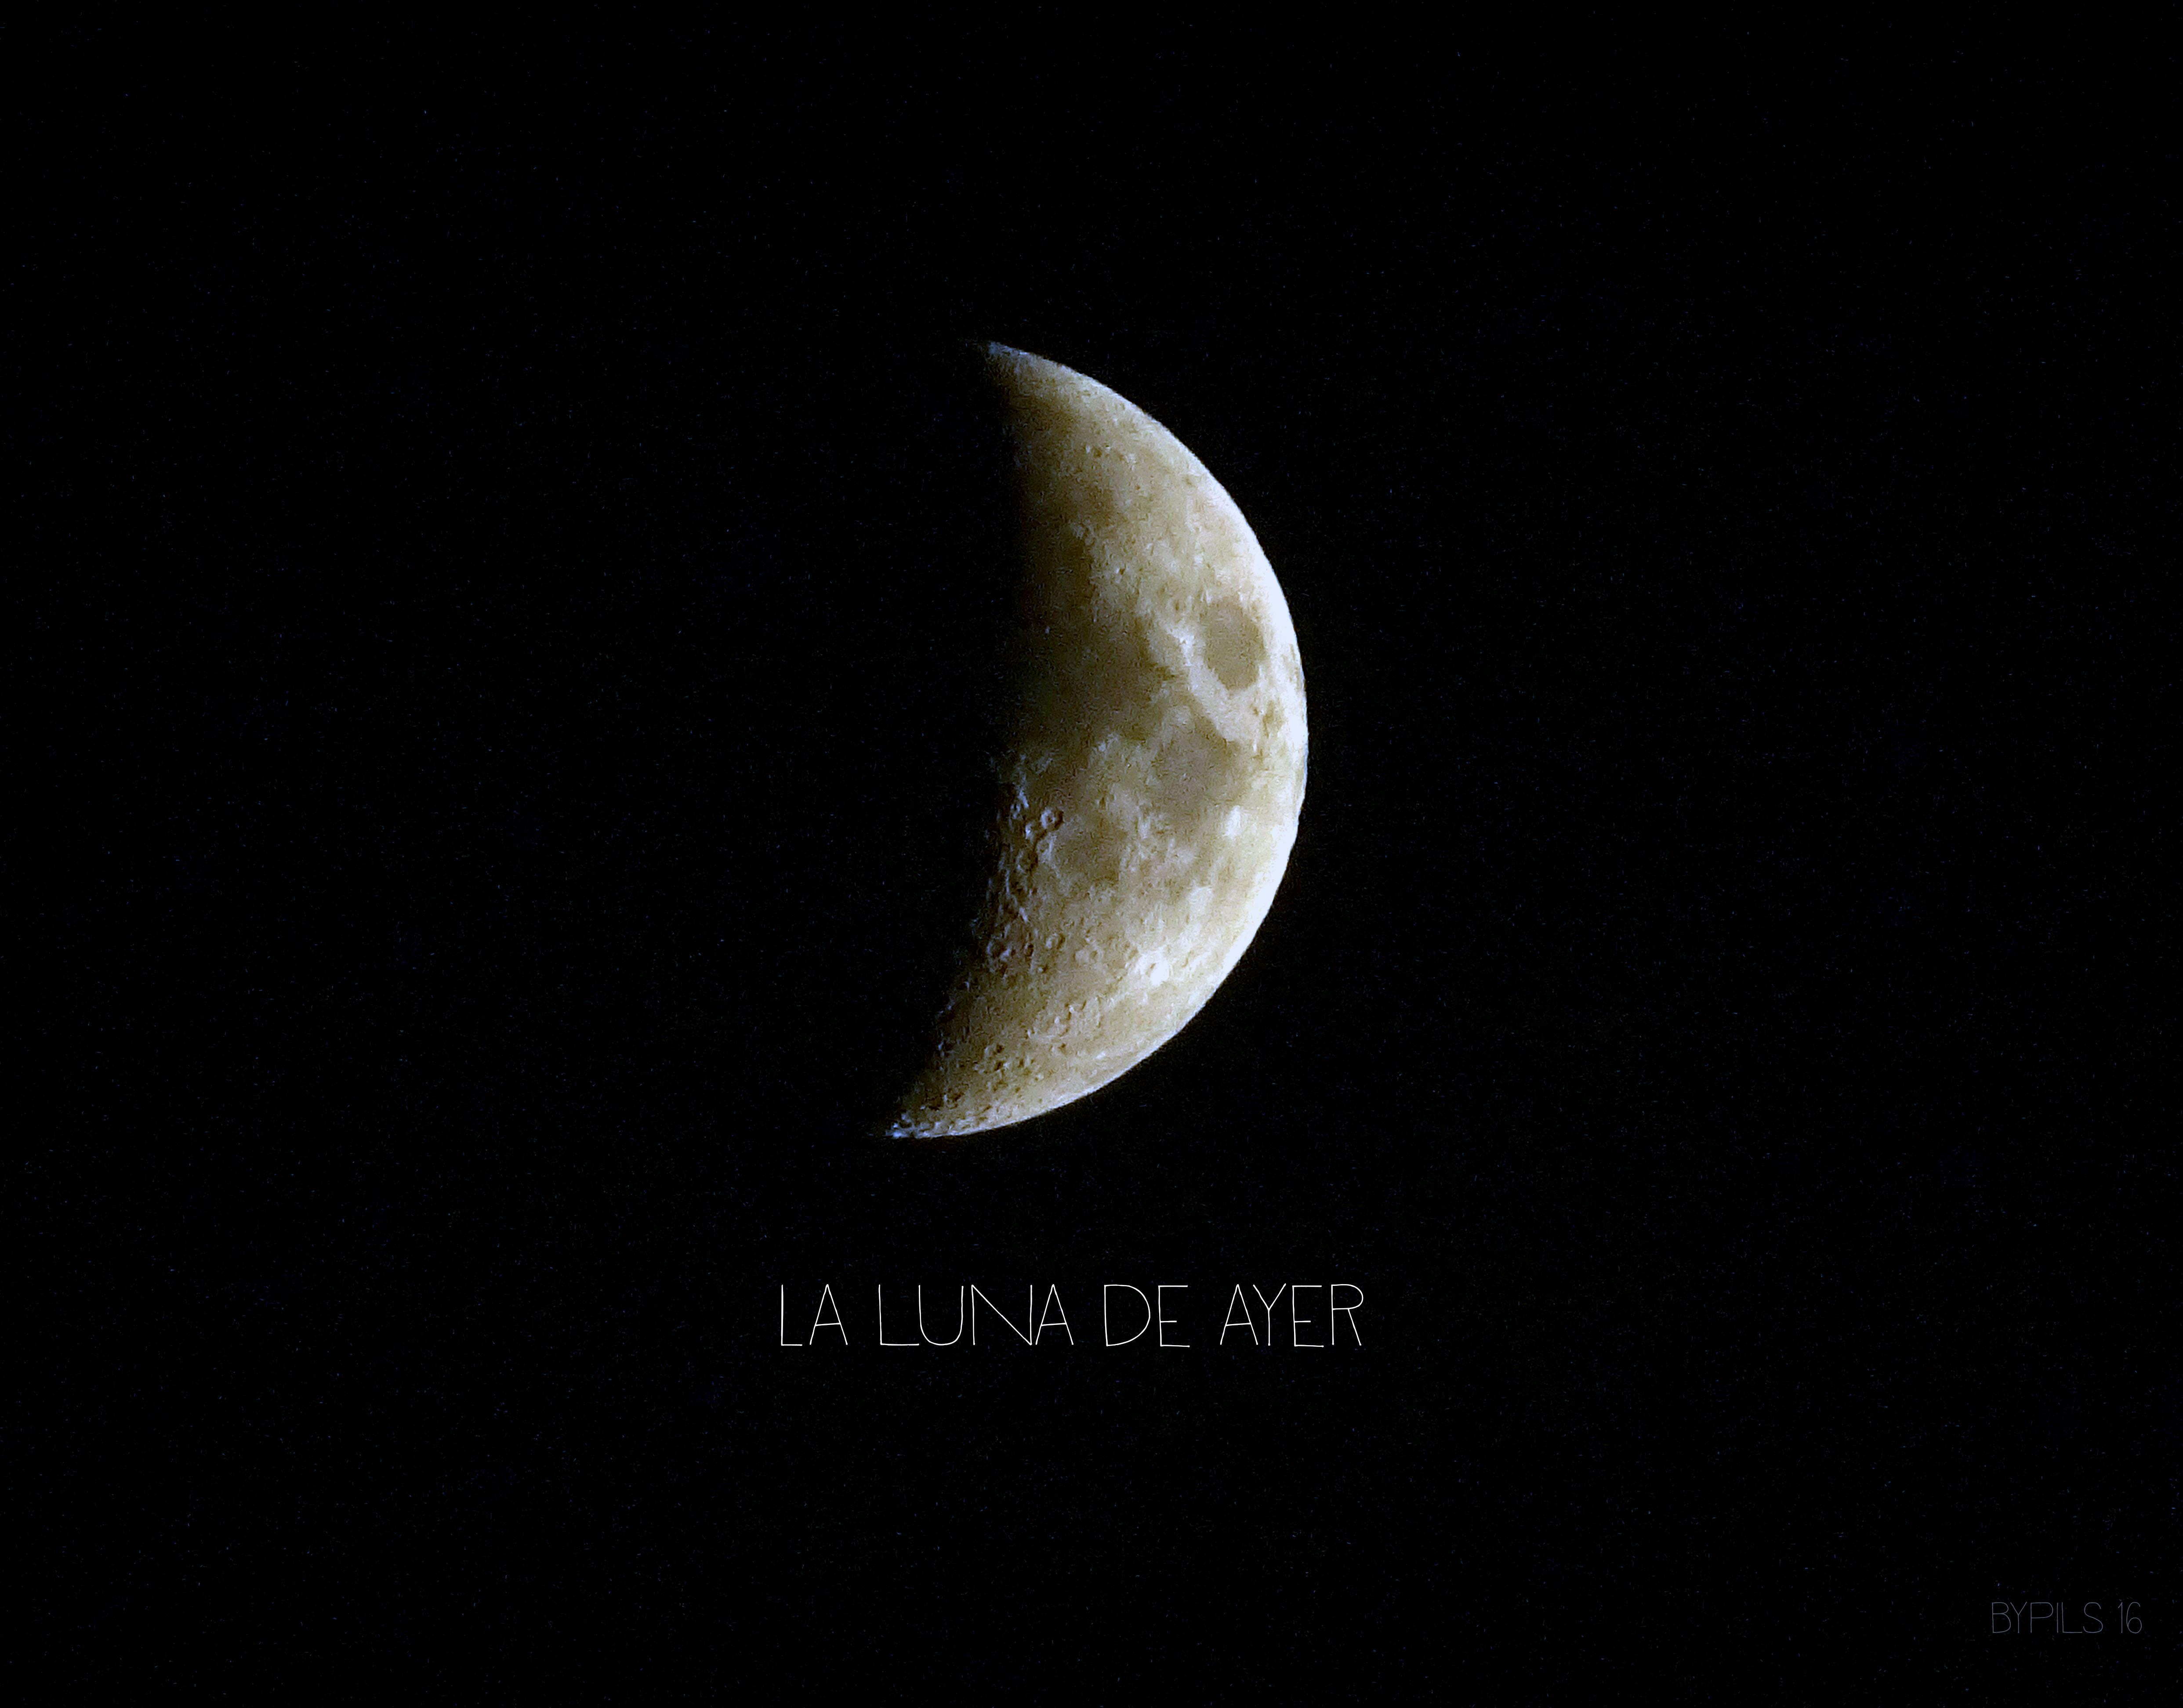 lunaayer